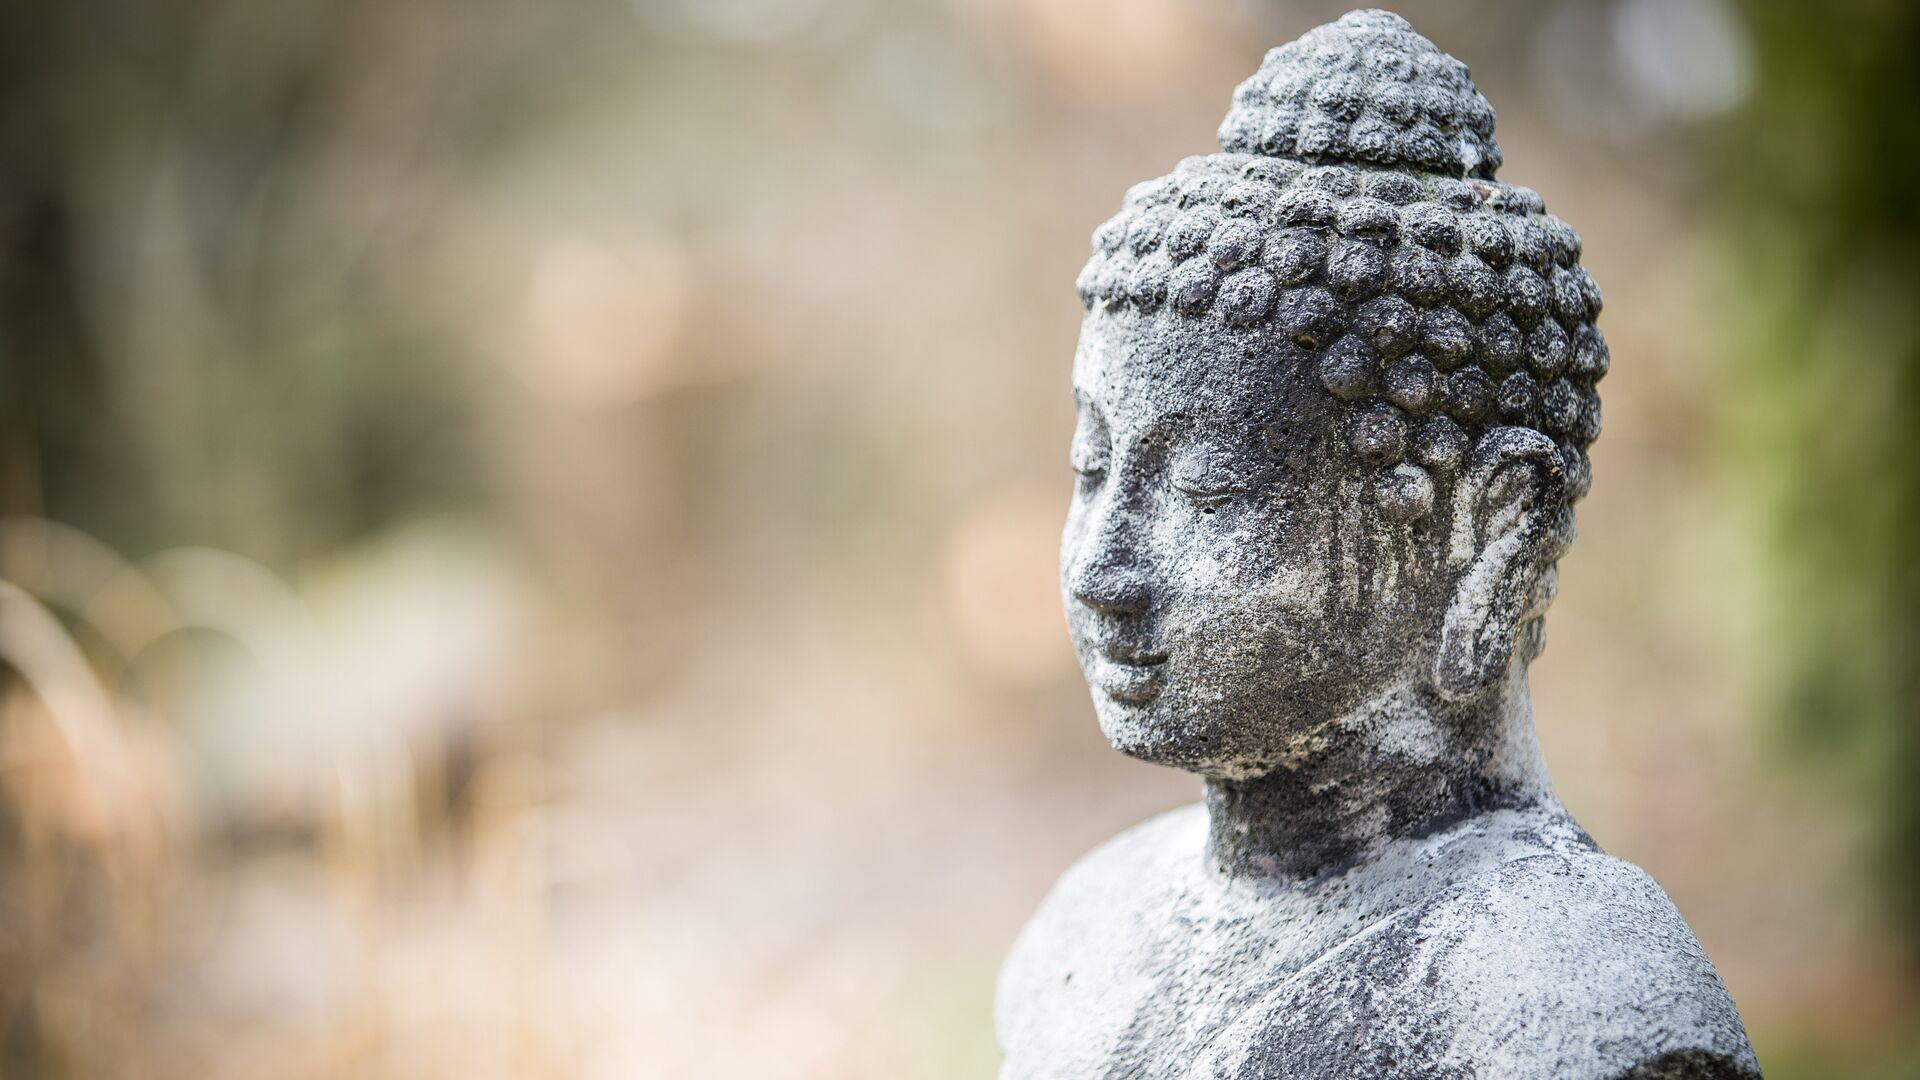 Estatua de Buda (archivo) - Sputnik Mundo, 1920, 26.05.2021